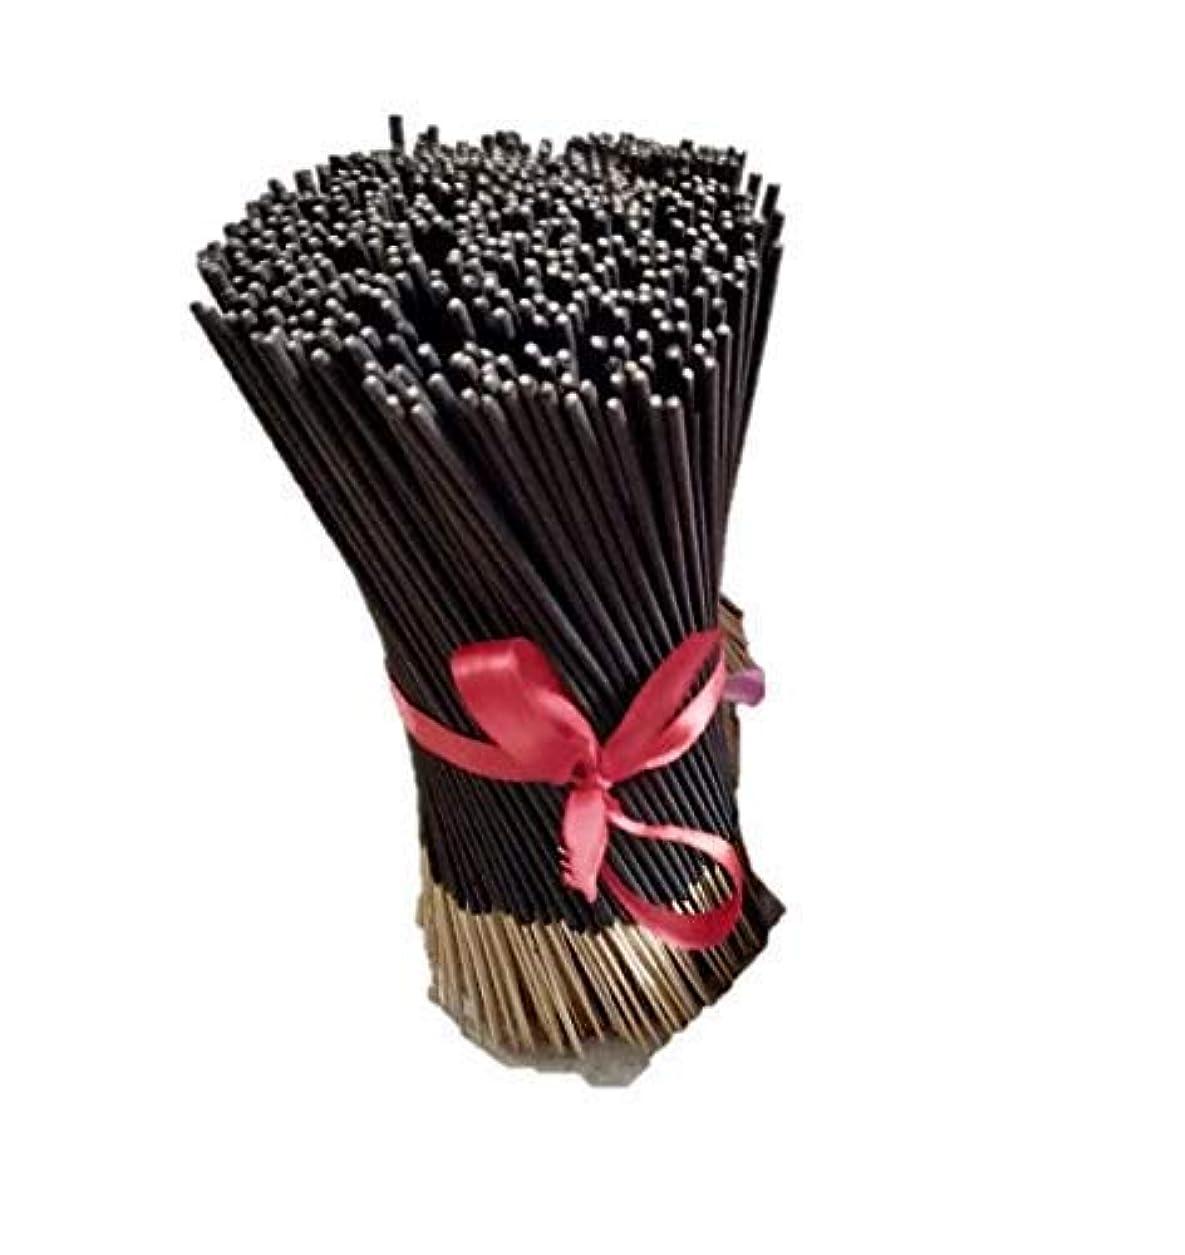 外交カロリー些細なAroma Natural Products Raw Charcoal Incense Stick 1 Kilograms